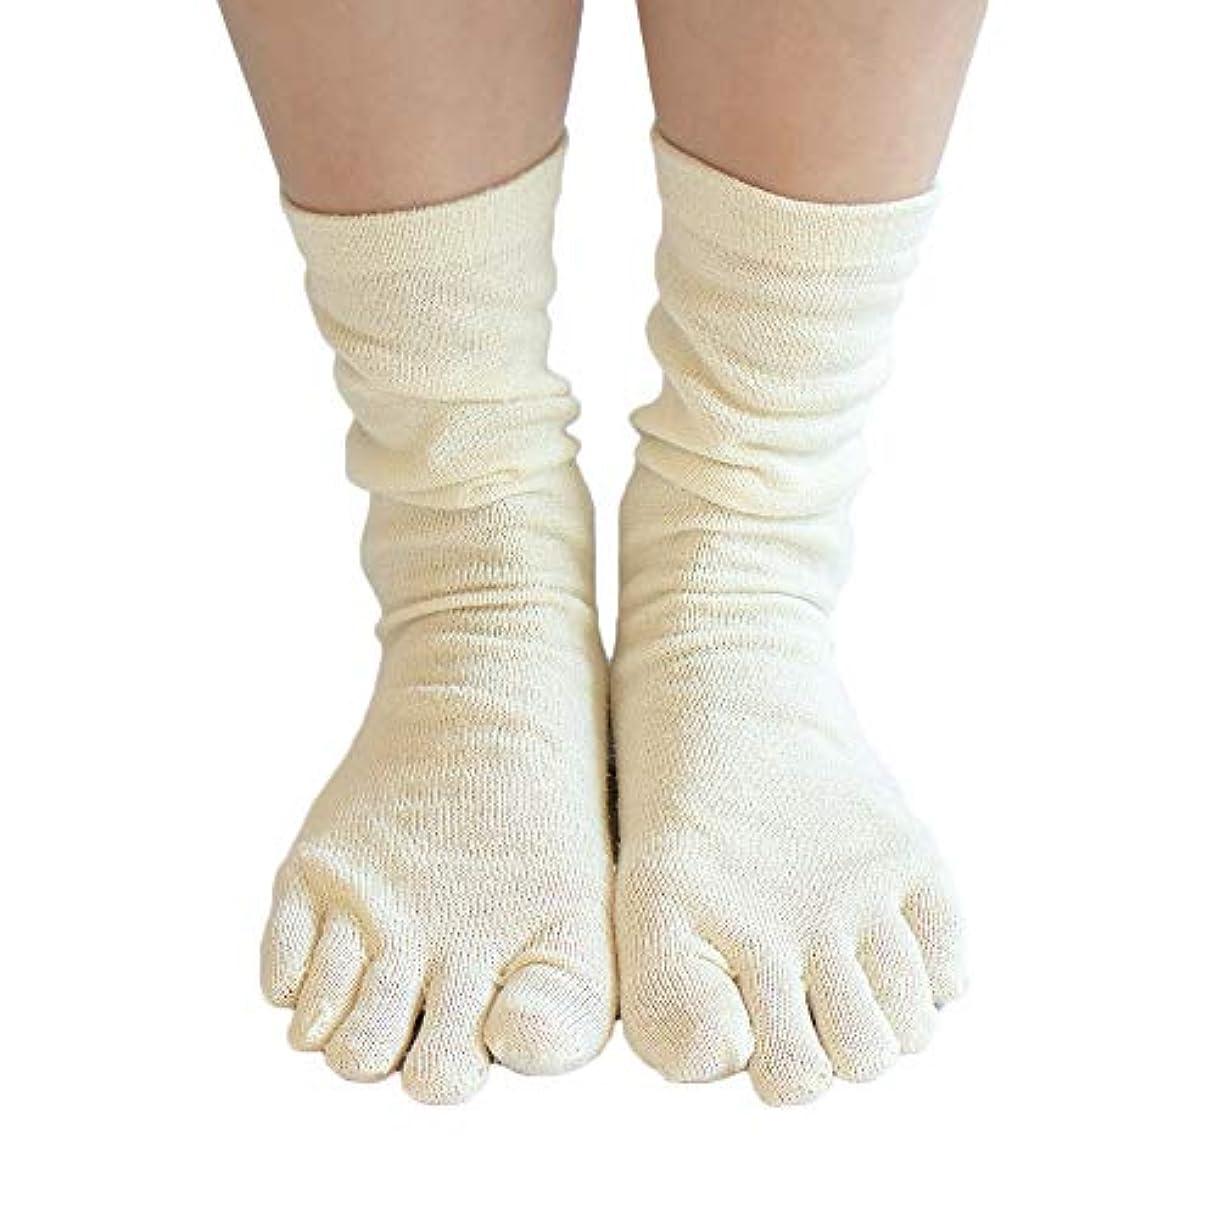 ジャム小人アボートシルク 100% 五本指 ソックス 3足セット かかとあり 上質な絹紡糸と紬糸ブレンドした絹糸を100%使用した薄手靴下 重ね履きのインナーソックスや冷えとりに